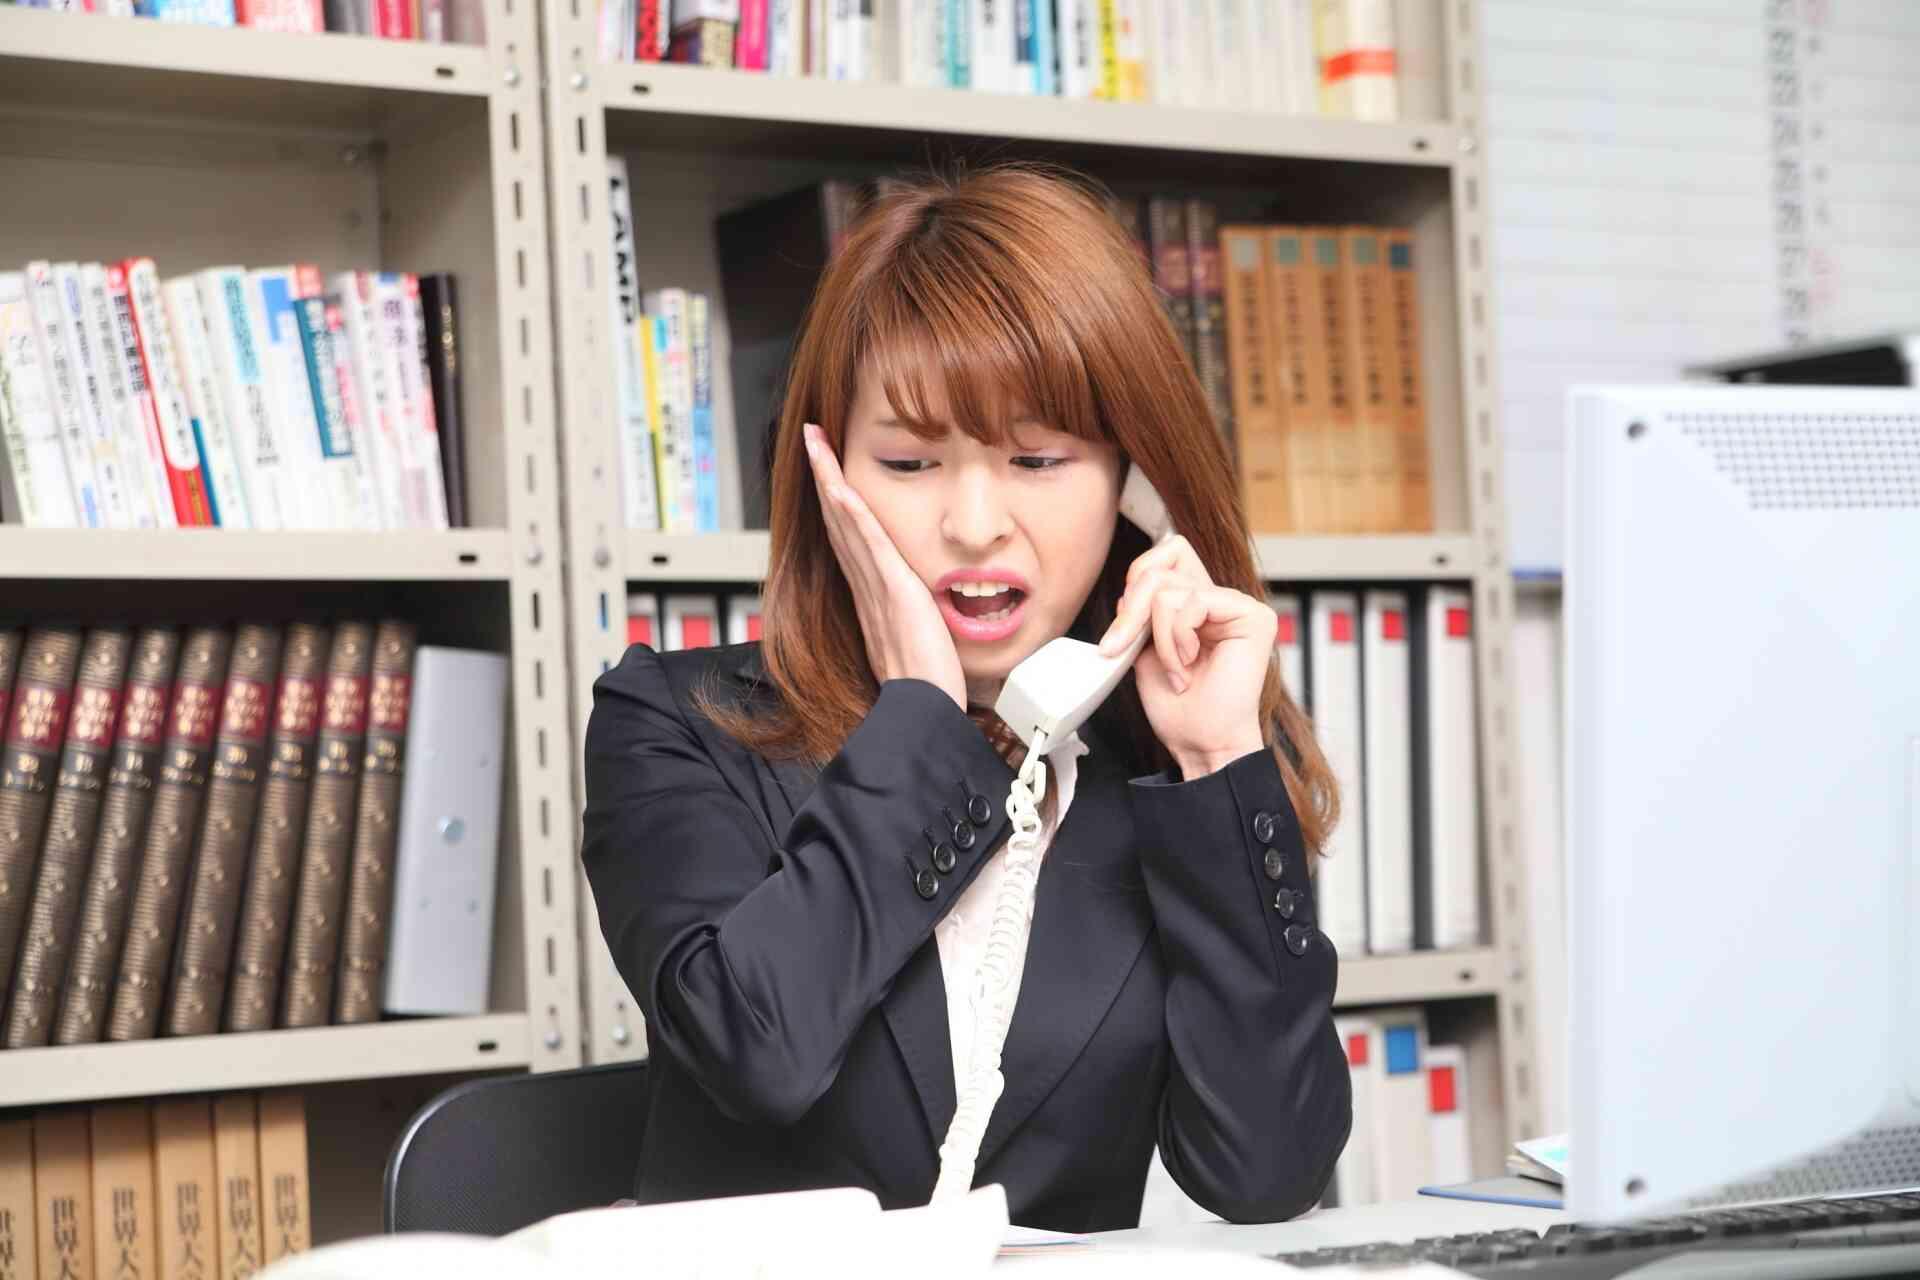 仕事でミスばかり?自分の傾向を知って失敗を減らそう。